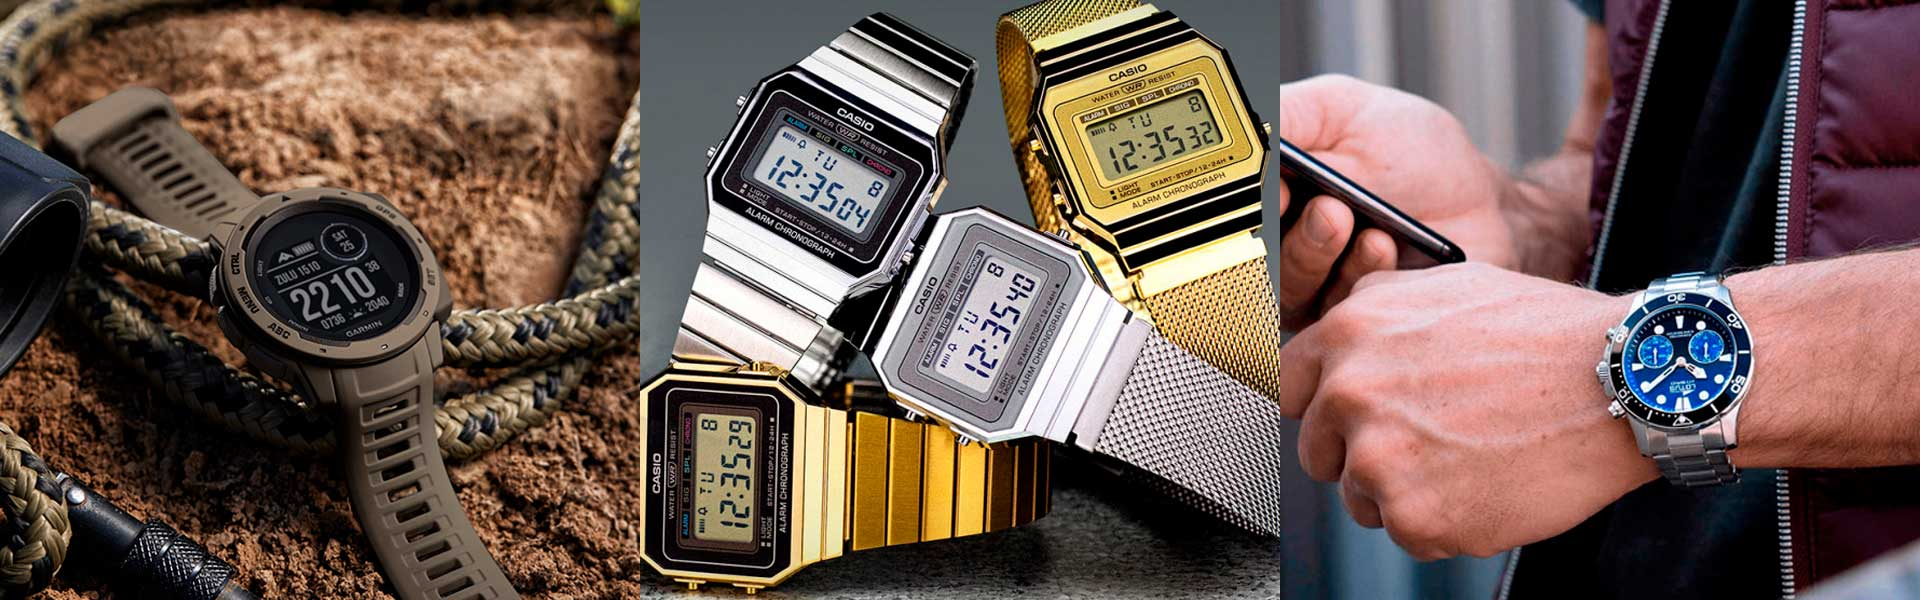 Reloj convencional vs. Smartwatch: ¿Cuáles son las diferencias?